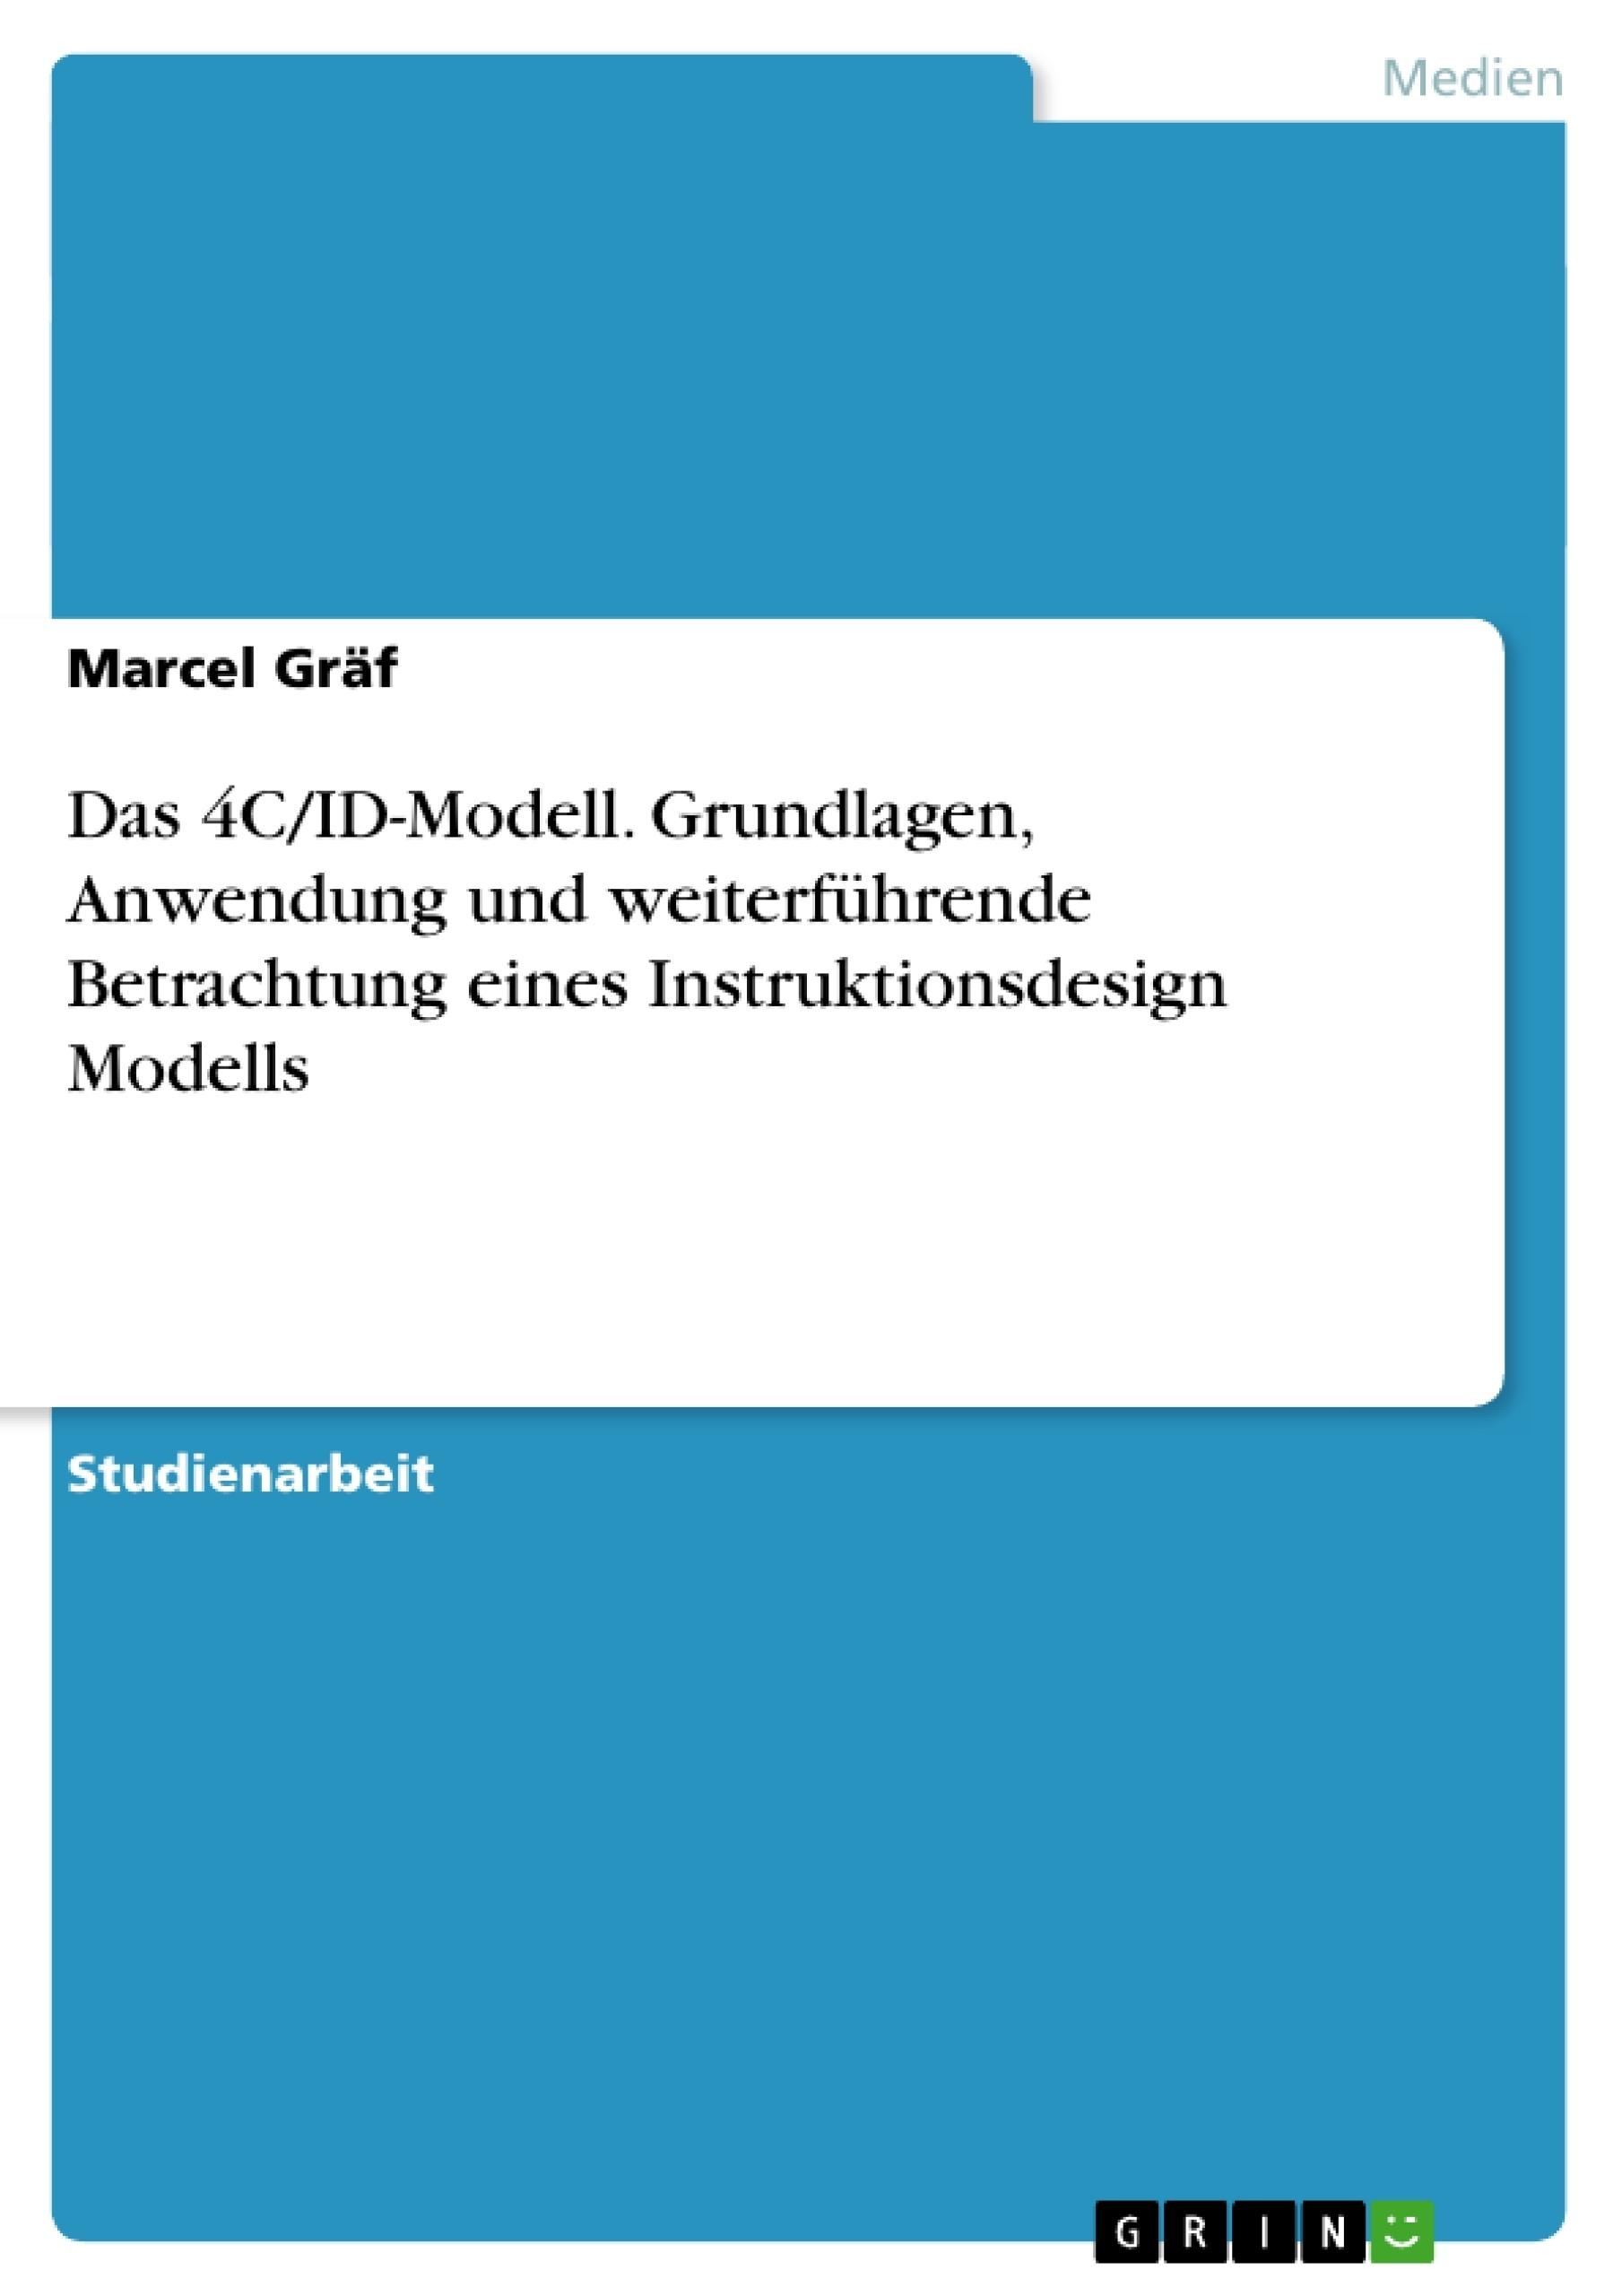 Titel: Das 4C/ID-Modell. Grundlagen, Anwendung und weiterführende Betrachtung eines Instruktionsdesign Modells